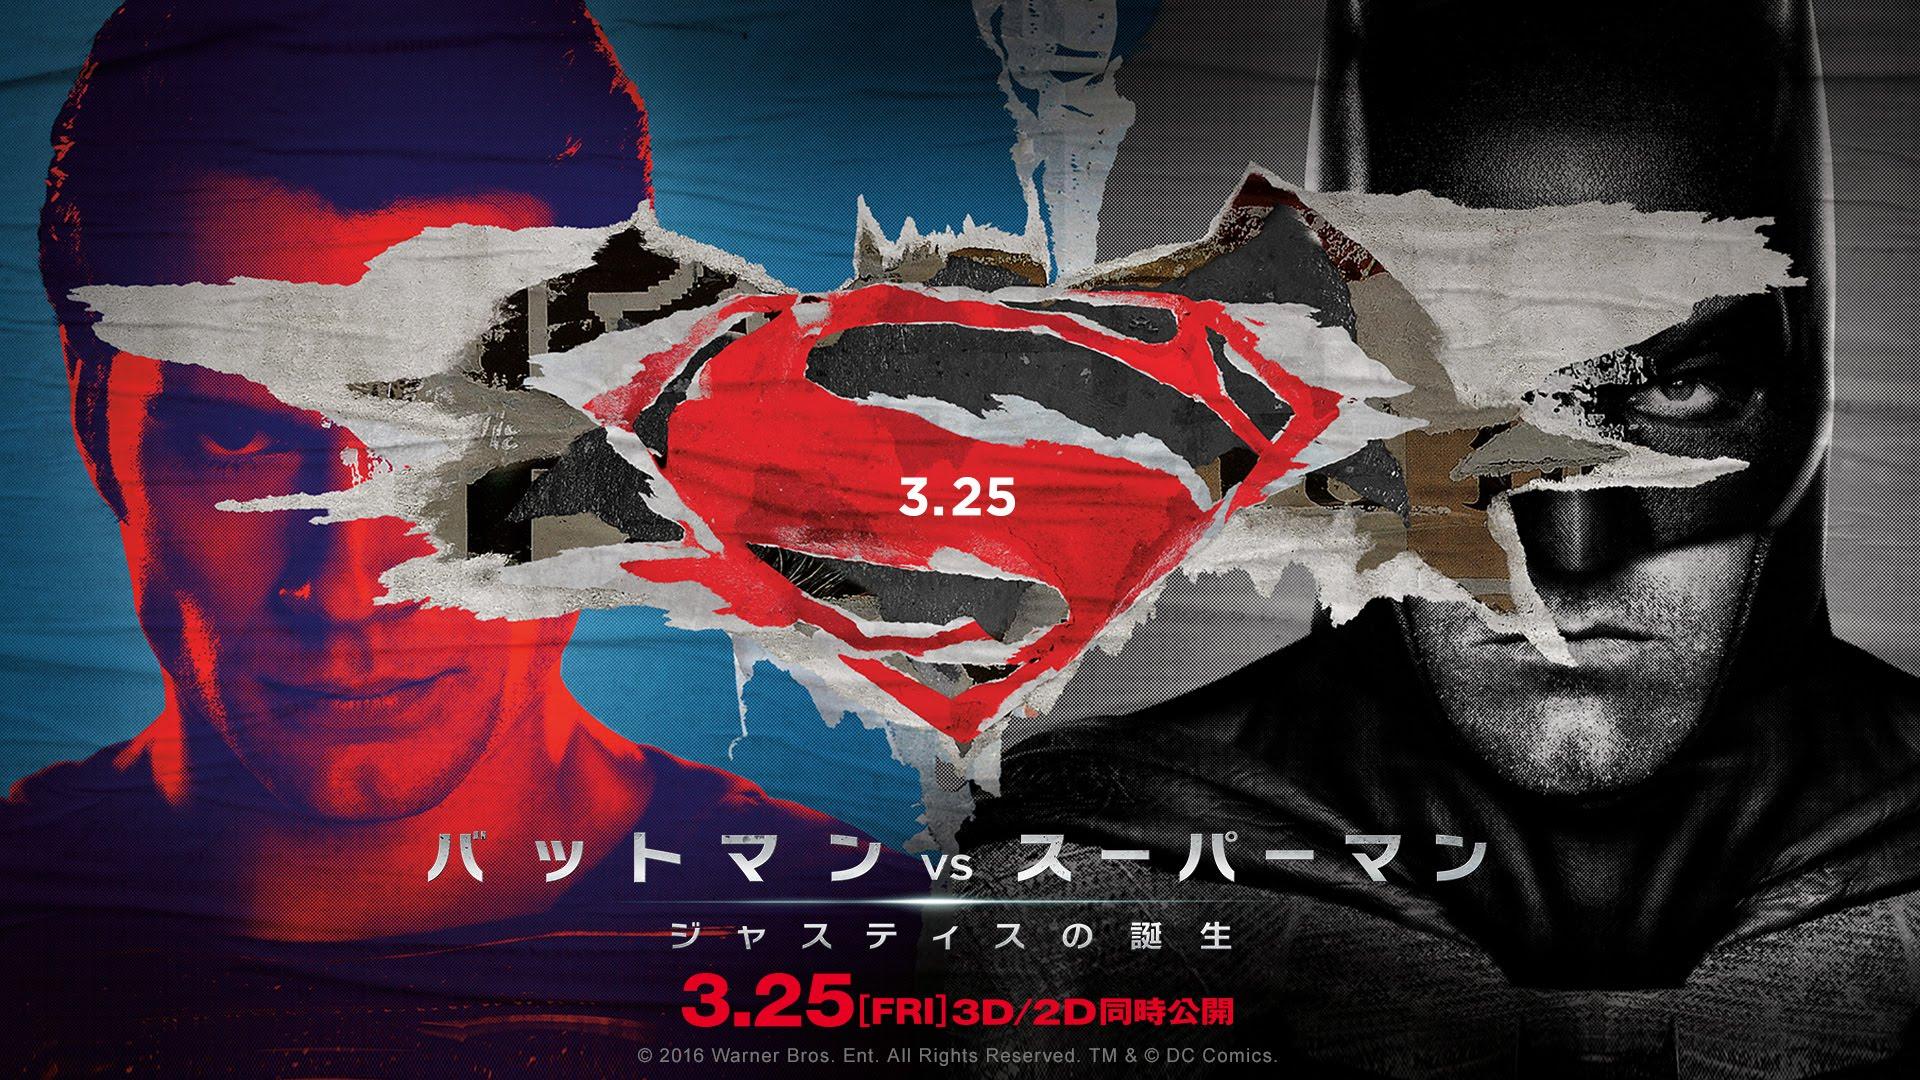 【バットマン vs スーパーマン ジャスティスの誕生】 どちらが正義なのか?